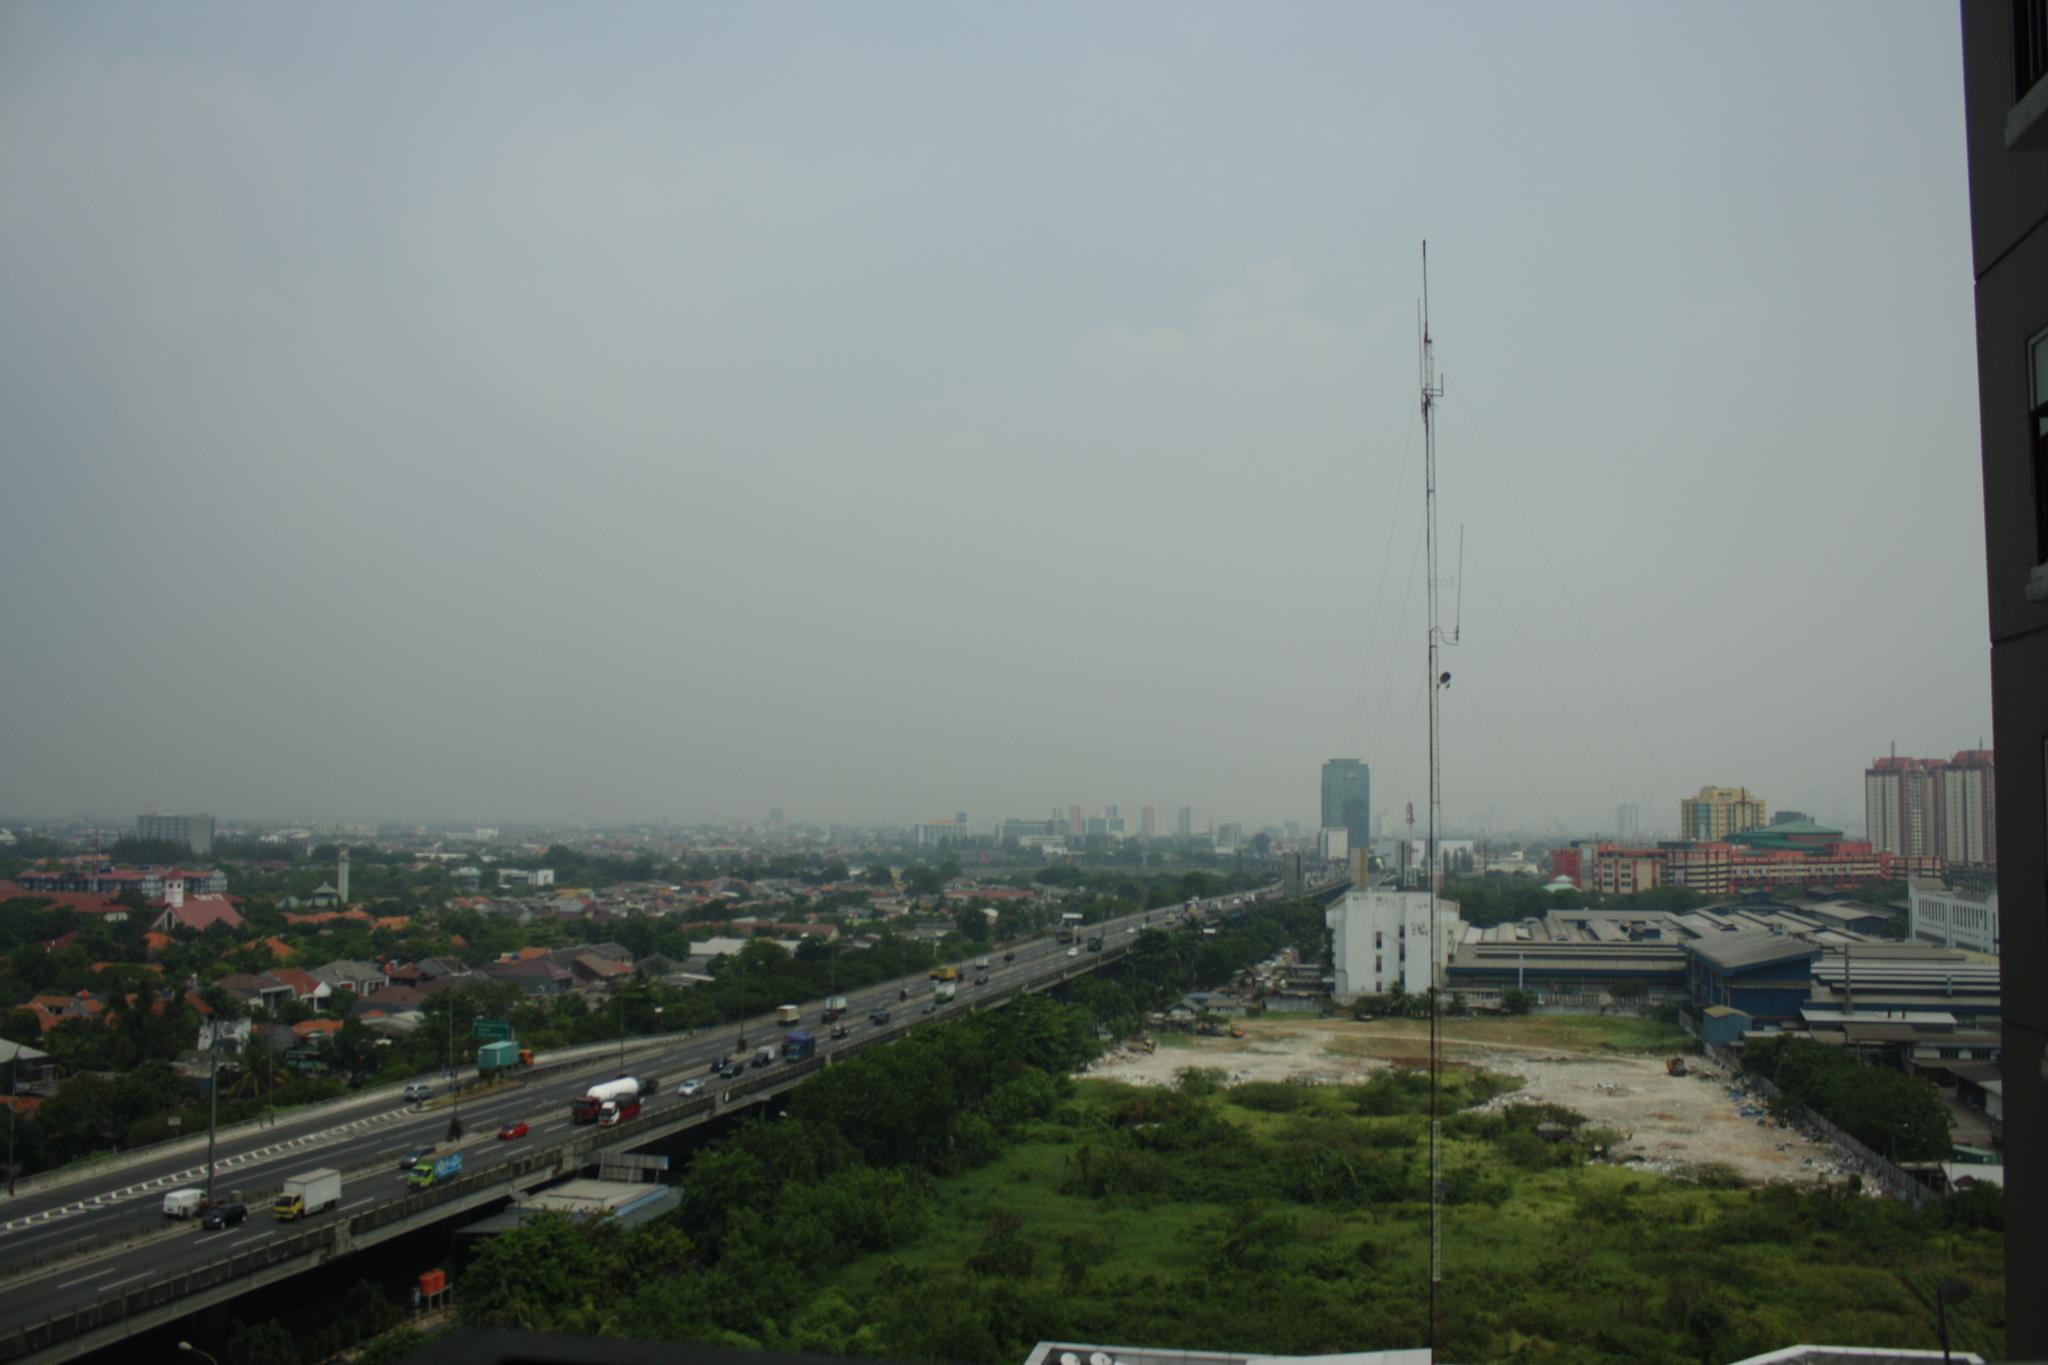 Hotel Adaru Property Studio Type 2 @ Sunter Park View - Jl. Yos Sudarso, Sunter Jaya, Tj. Priok, Kota Jkt Utara, Daerah Khusus Ibukota Jakarta - Jakarta